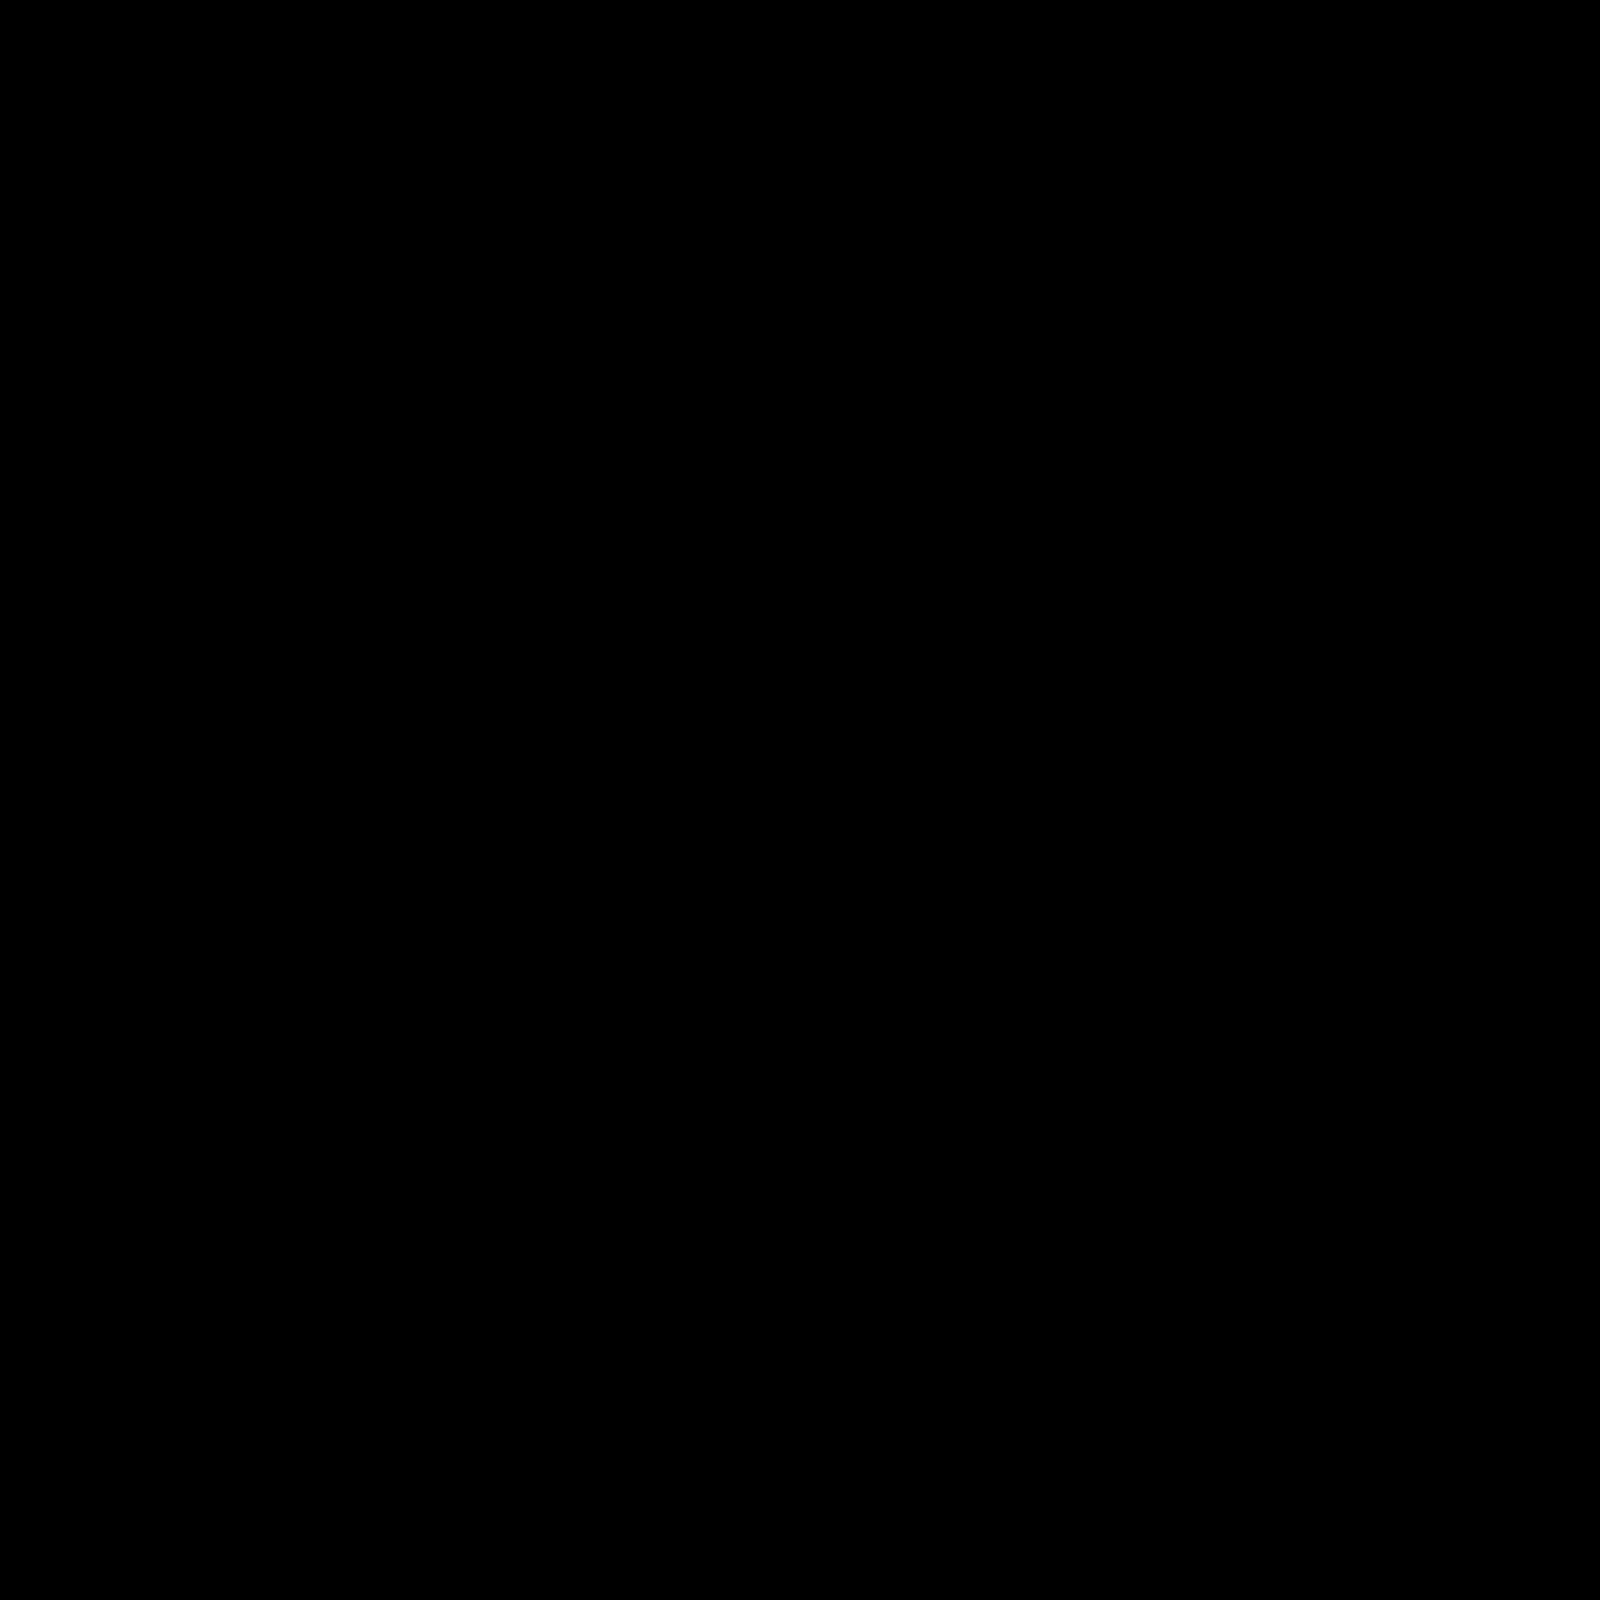 Pomarańczowy icon